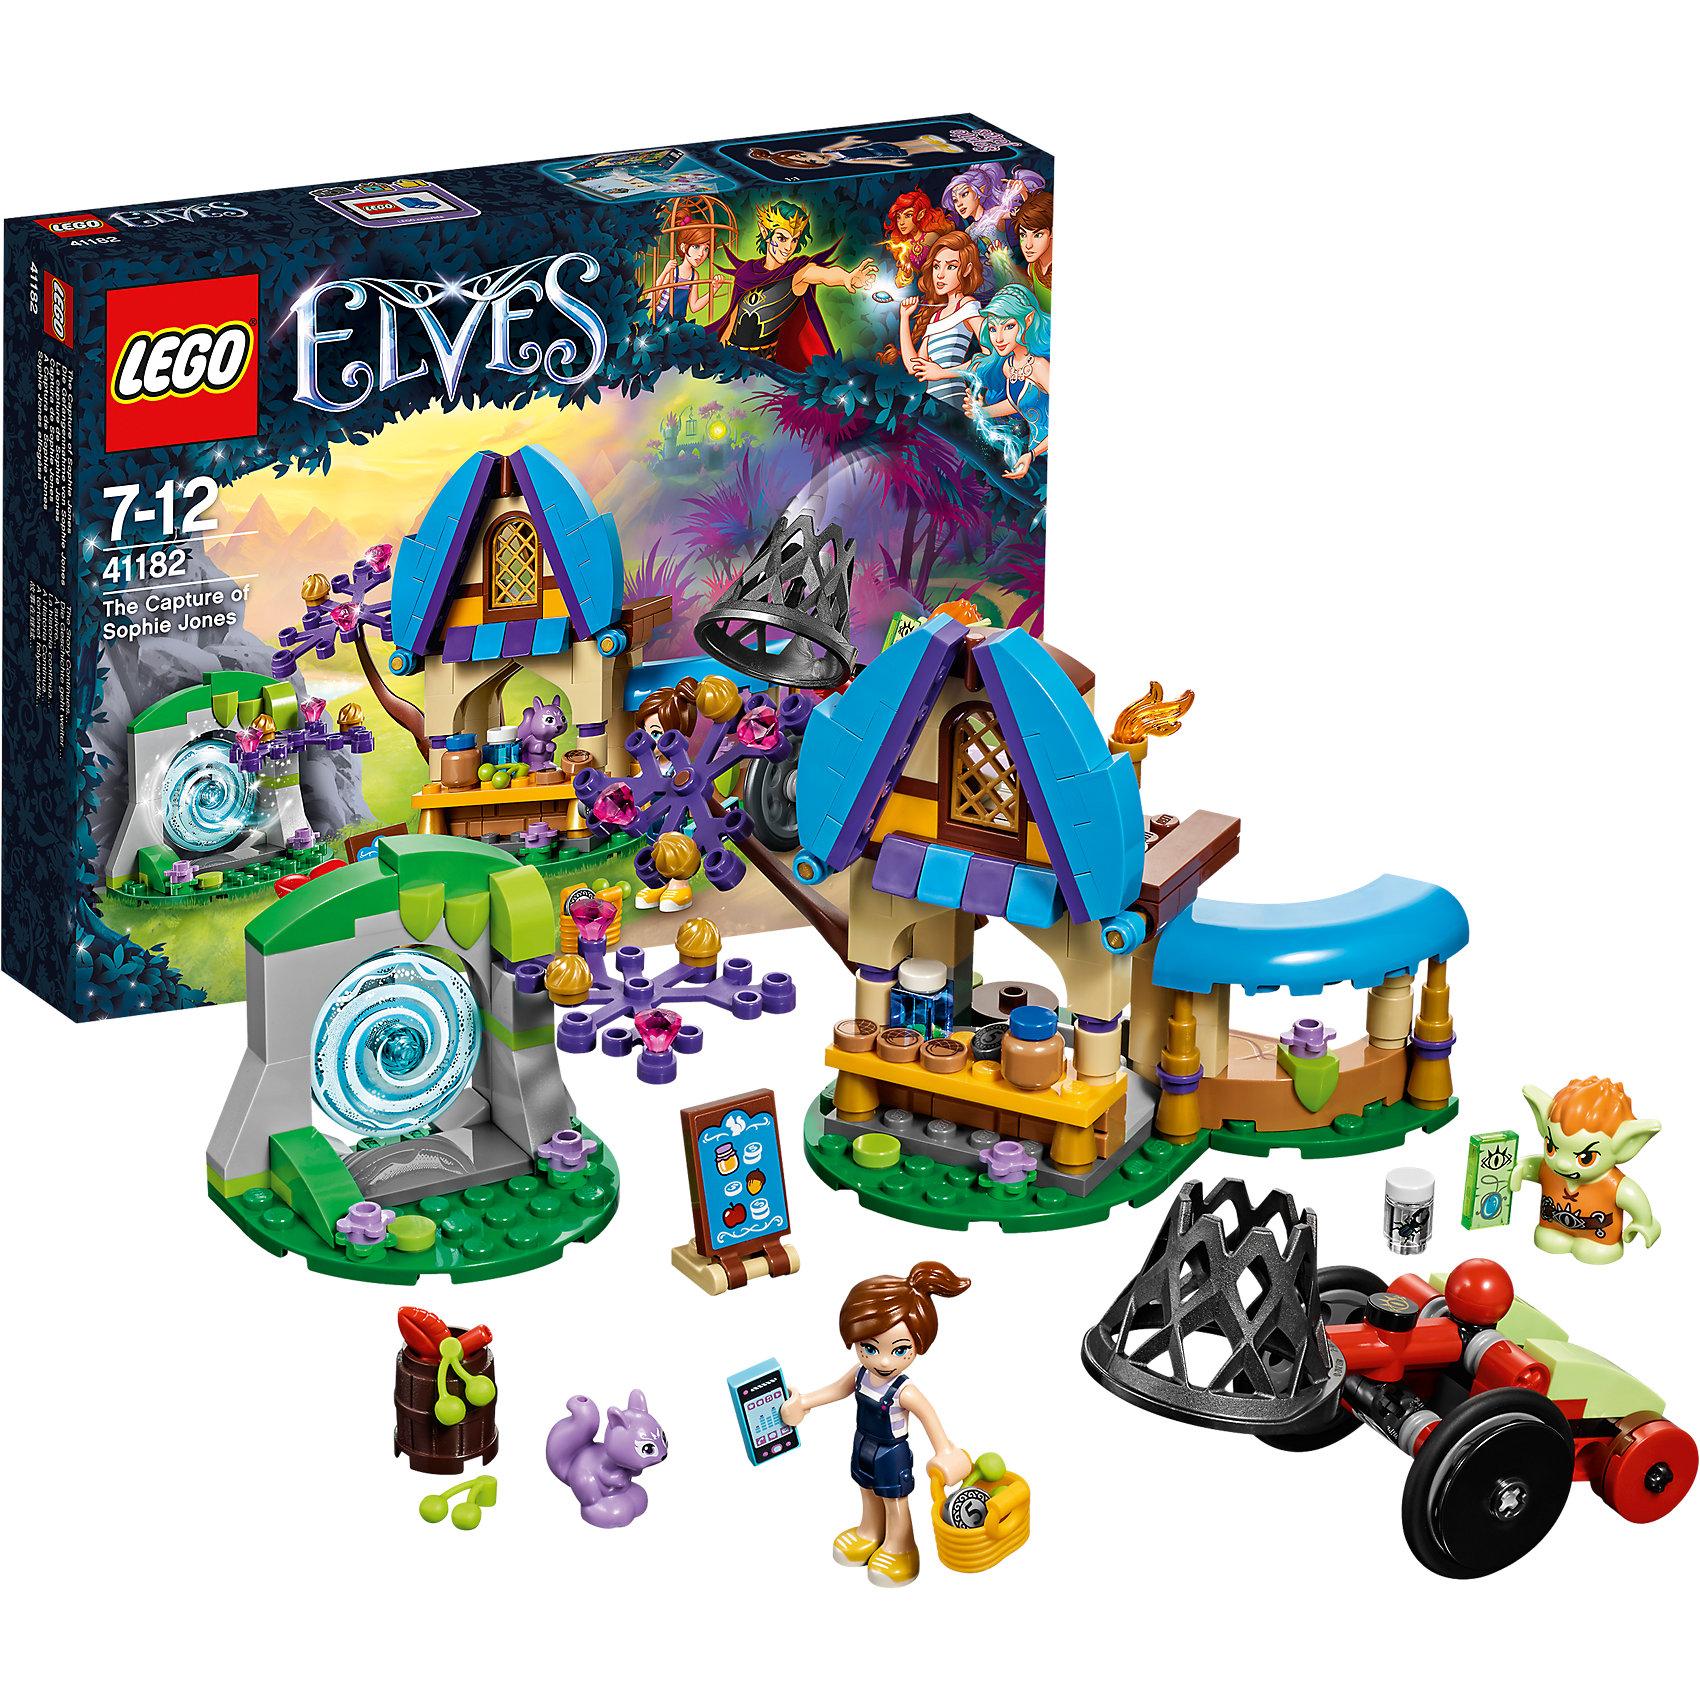 LEGO Elves 41182: Похищение Софи ДжонсПластмассовые конструкторы<br>LEGO Elves 41182: Похищение Софи Джонс<br><br>Характеристики:<br><br>- в набор входит: детали магазинчика и машины, 2 фигурки, аксессуары, инструкция по сборке<br>- минифигурки набора: Софи, гоблин Барблин<br>- состав: пластик<br>- количество деталей: 226<br>- размер упаковки: 26 * 5 * 19 см.<br>- для детей в возрасте: от 7 до 12 лет<br>- Страна производитель: Дания/Китай/Чехия<br><br>Легендарный конструктор LEGO (ЛЕГО) представляет серию «Elves» (Эльфы) – магическую вселенную, наполненную приключениями! <br><br>Дети должны помочь эльфам найти четыре волшебных ключа, чтобы вернуть Эмили Джонс домой. Маленькая Софи Джонс отправилась в магазинчик мистера Спая со своей корзинкой и монеткой. В красивом магазине имеется большой ассортимент разных продуктов, а на дереве растут драгоценные камни. Софи поджидает злой гоблин, который хочет ее похитить, так же как и ее сестру. Он привез с собой большую машину с сетью, помоги Софи купить все необходимое и убежать от гоблина через портал. <br><br>Фигурка Софи качественно прорисована, может поворачивать головой, руками, торсом и принимать сидячее положение. Красивые рельефные волосы собраны в хвостик, детали одежды оснащены выступающими складками по краям ткани и добавляют фигурке реалистичности. Небольшой гоблин может двигать руками, поворачивать головой, держать предметы в руках, его причёска тоже детализирована. Детали набора отлично сочетаются в другими наборами серии LEGO Elves. <br><br>Играя с конструктором ребенок развивает моторику рук, воображение и логическое мышление, научится собирать по инструкции и создавать свои модели. Придумывайте новые истории любимых героев с набором LEGO «Elves»!<br><br>Конструктор LEGO Elves 41182: Похищение Софи Джонс можно купить в нашем интернет-магазине.<br><br>Ширина мм: 265<br>Глубина мм: 192<br>Высота мм: 50<br>Вес г: 292<br>Возраст от месяцев: 84<br>Возраст до месяцев: 144<br>Пол: Женский<br>Возраст: Детский<br>SKU: 